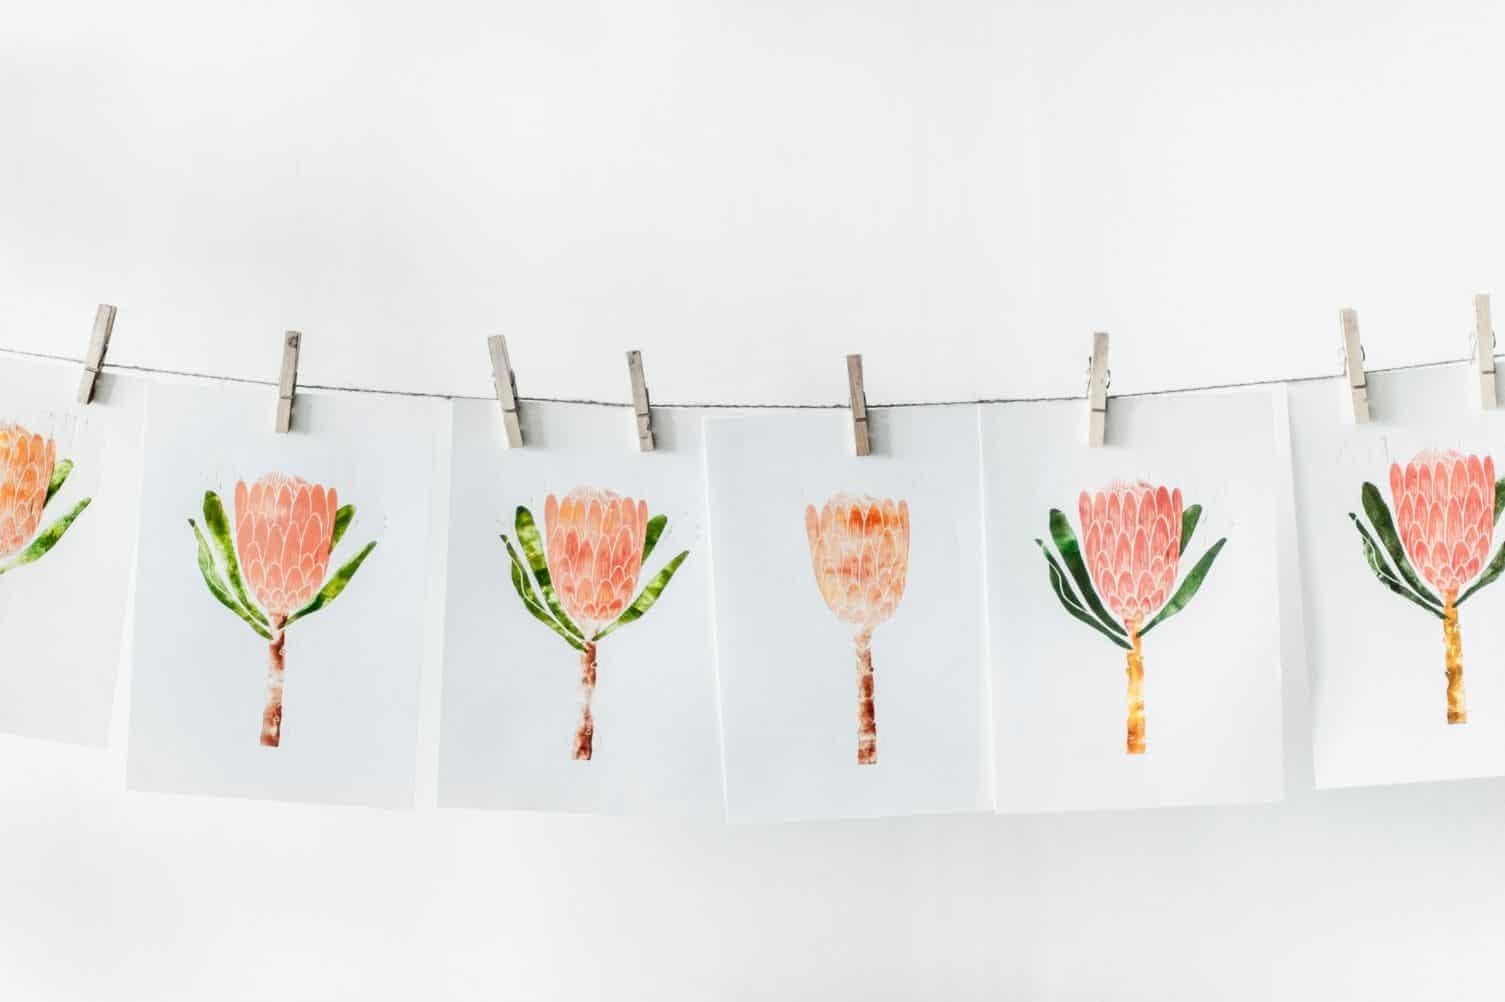 Białe kartki papieru z narysowanymi kwiatami